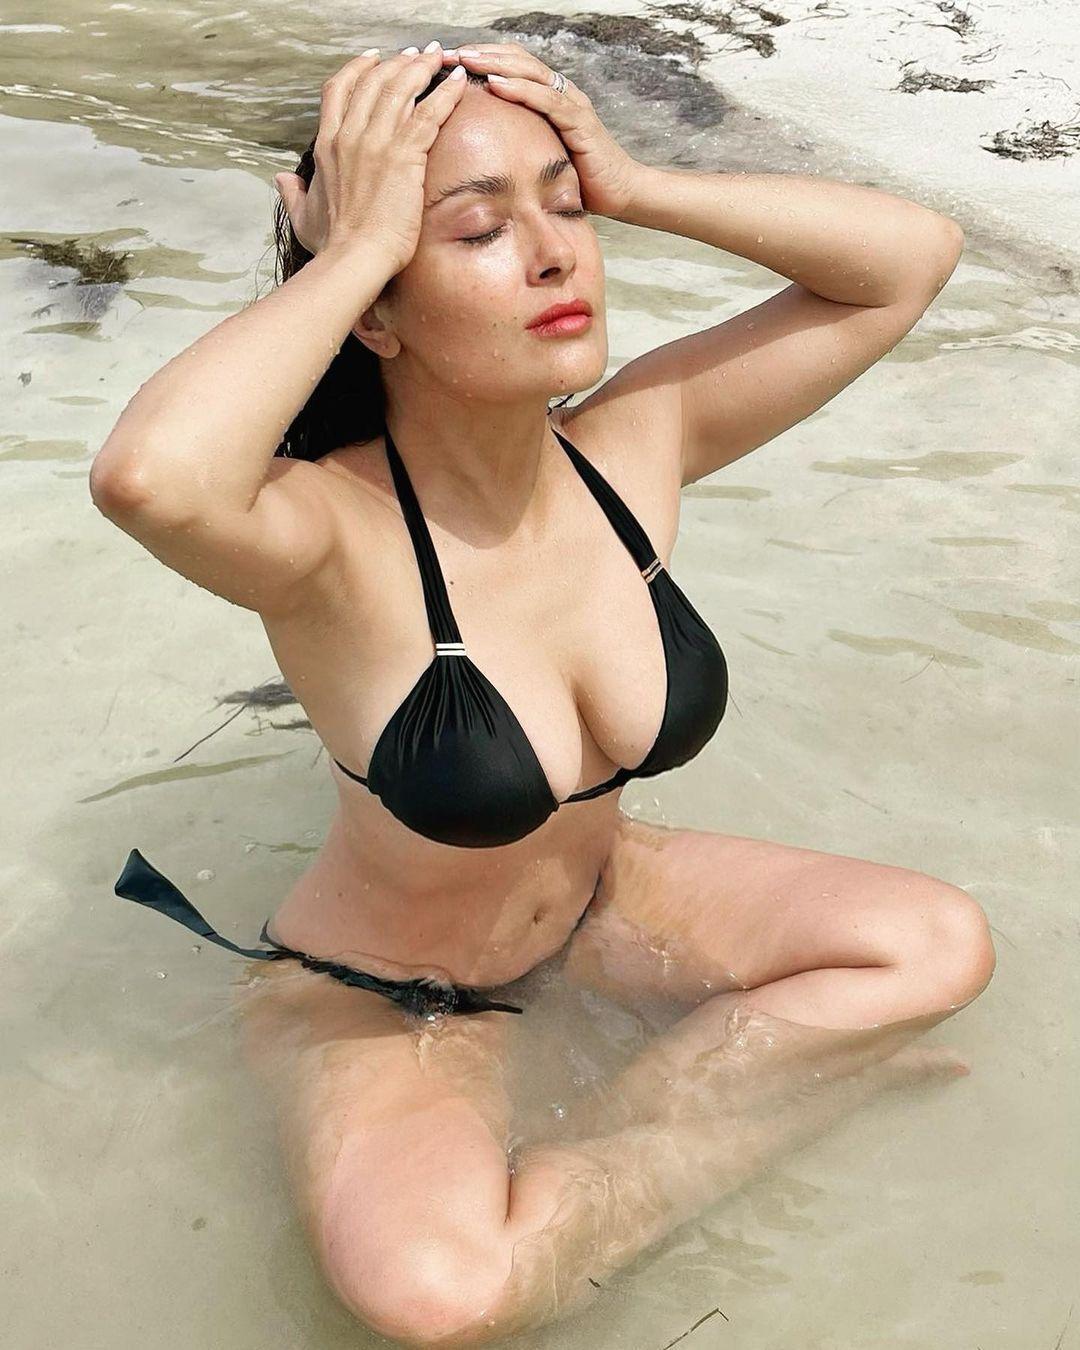 Сальма Хайек позирует в купальнике